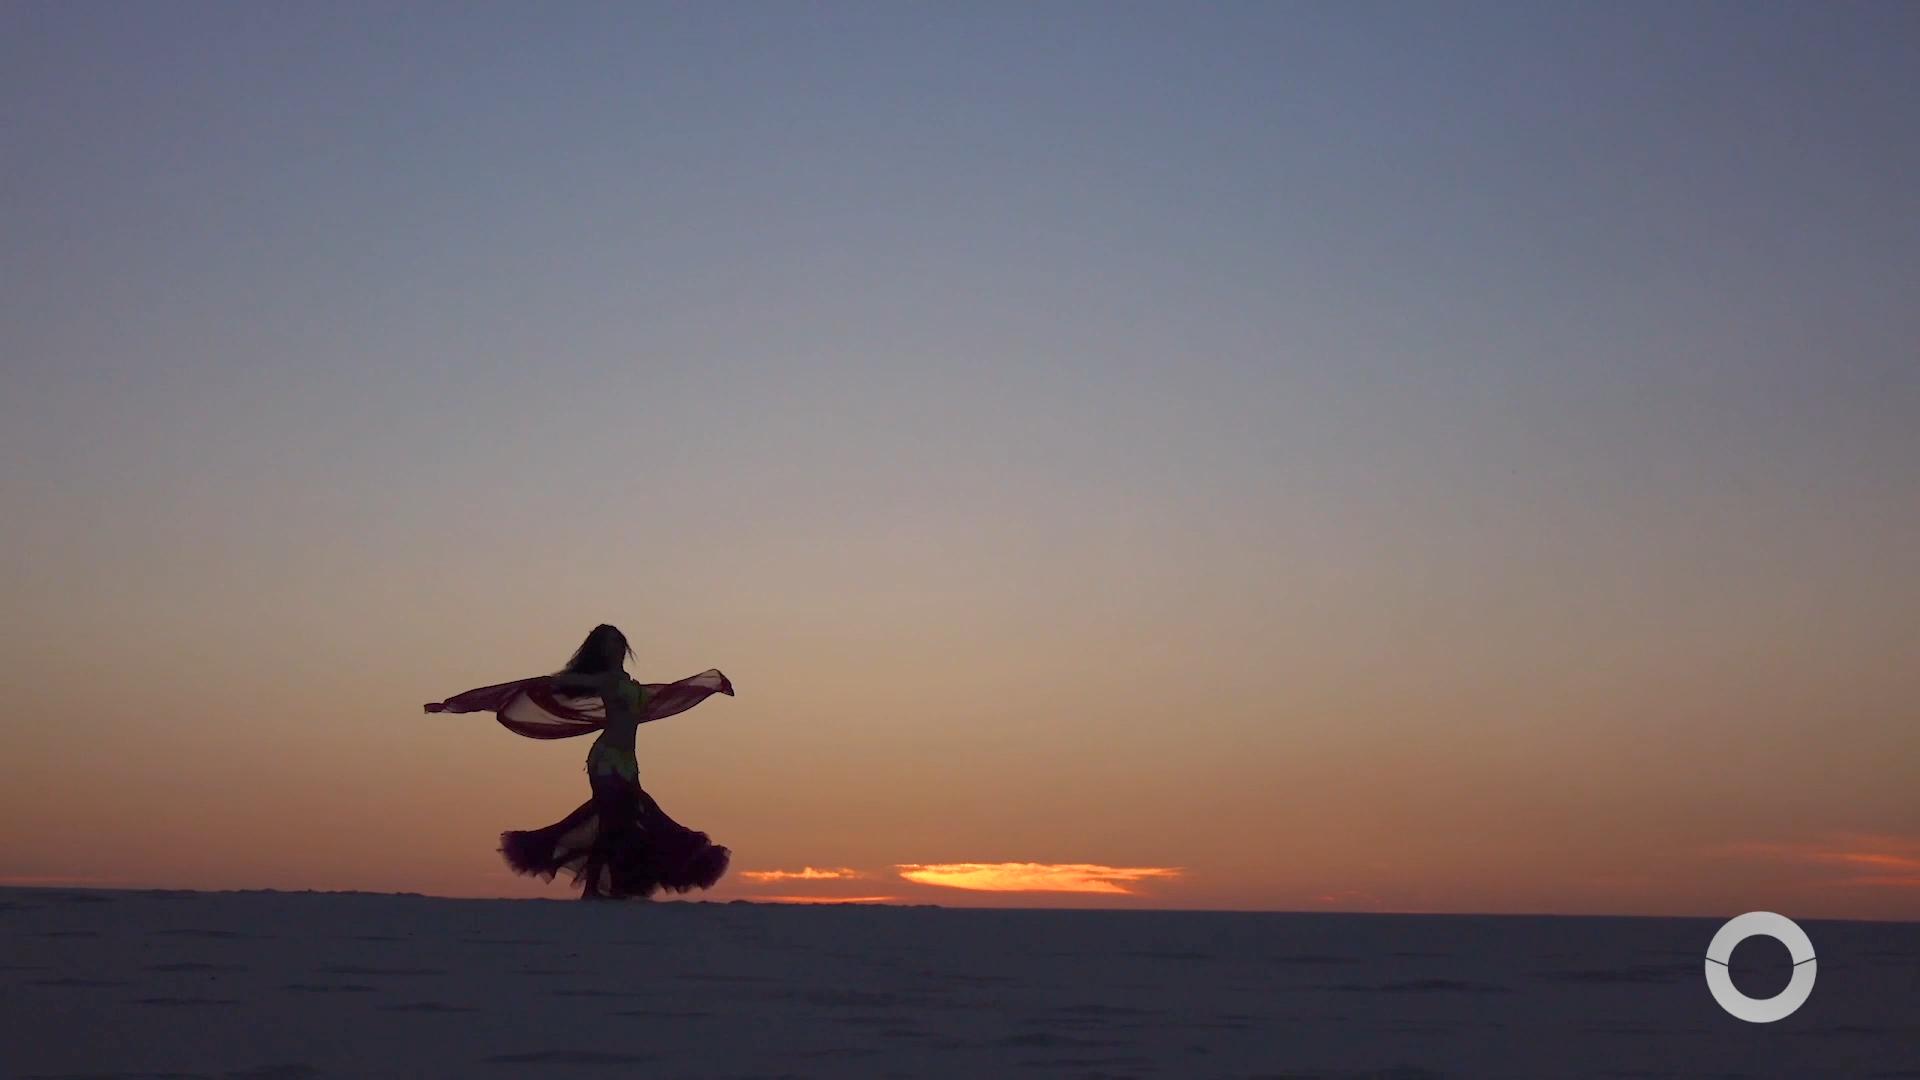 Costume Saudável – Joana Ramalho experimenta uma aula de dança do ventre